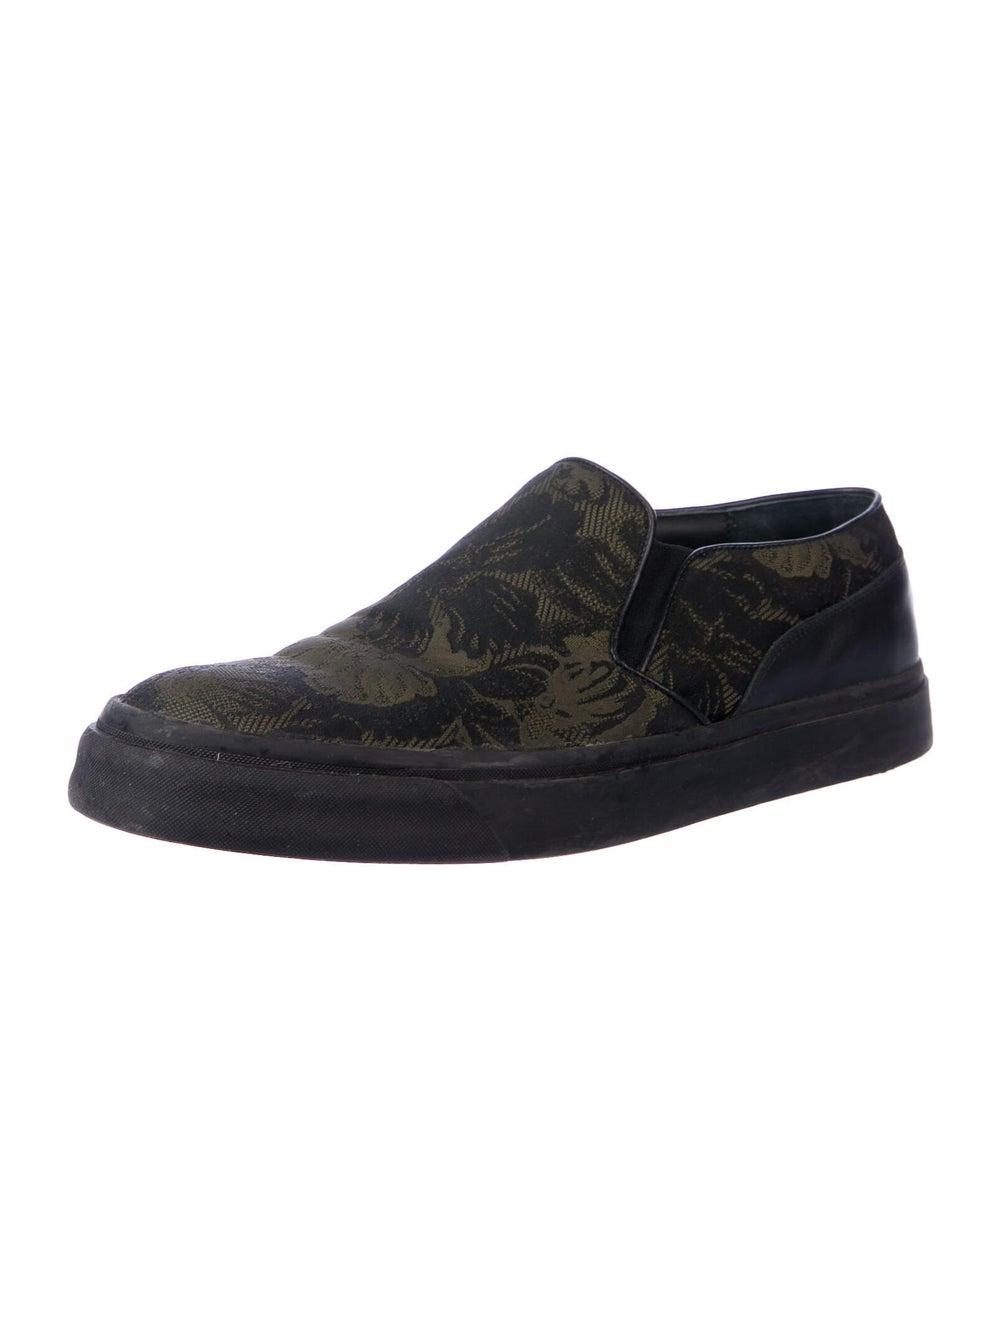 Alexander McQueen Printed Sneakers Black - image 2